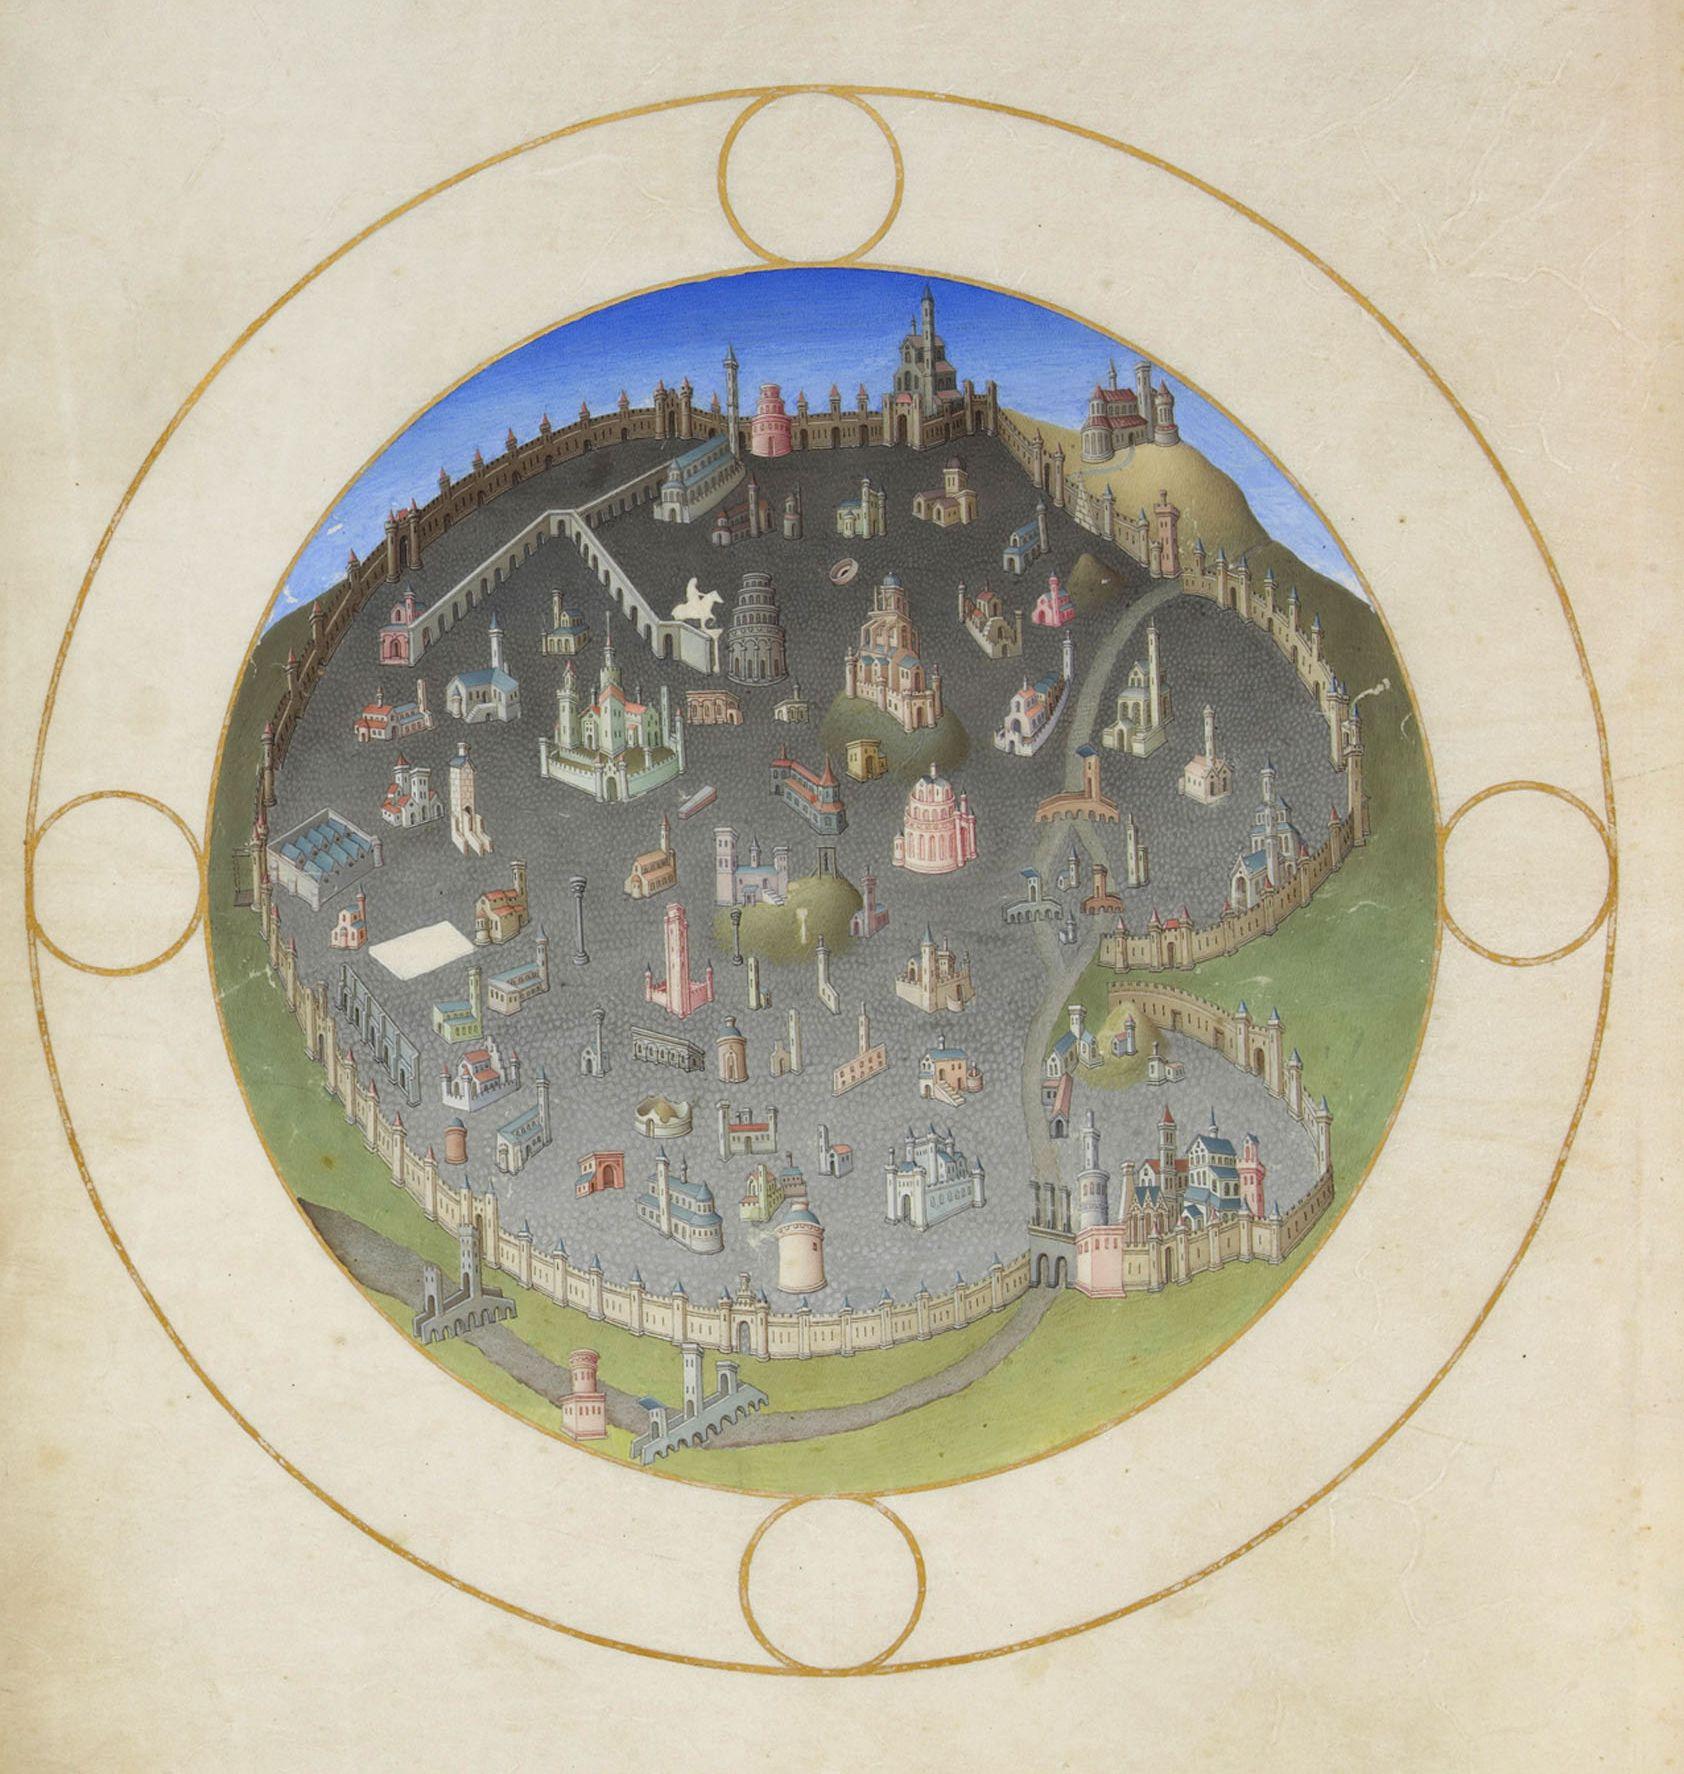 Folio_141v_-_A_Plan_of_Rome.jpg